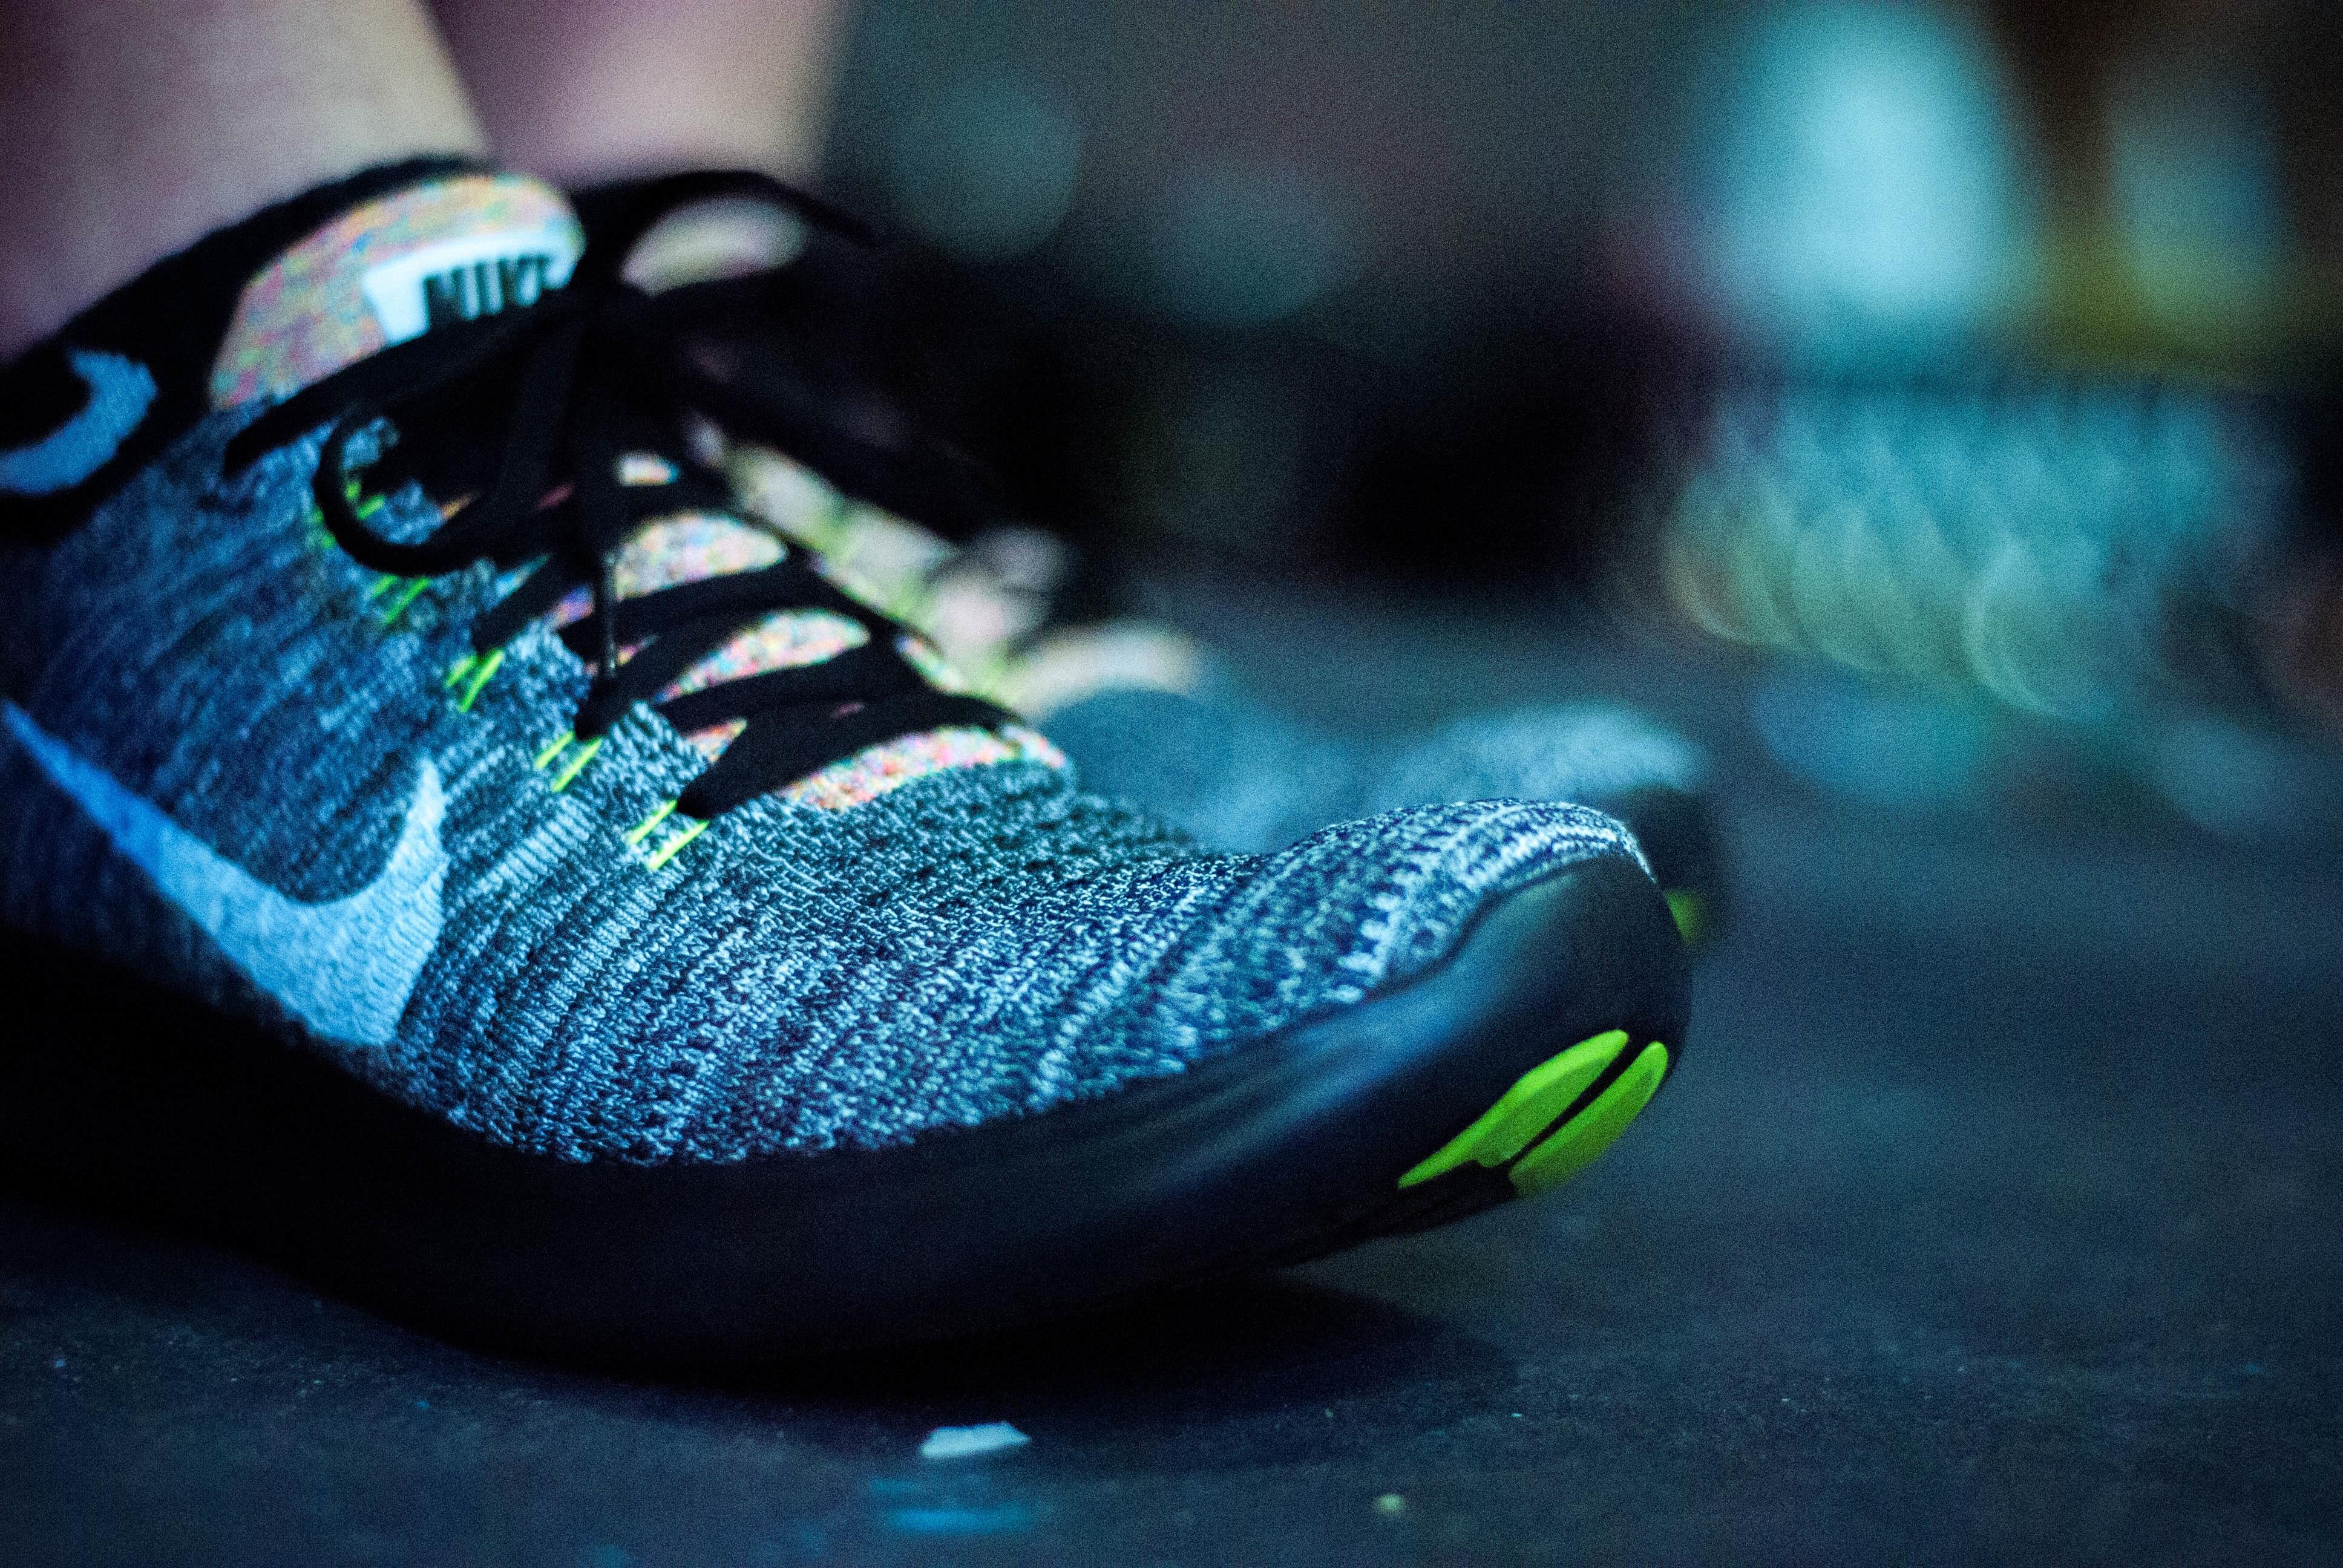 無料画像 靴 緑 色 青 黒 スニーカー 履物 マクロ撮影 コンピュータの壁紙 3872x2592 無料写真 Pxhere